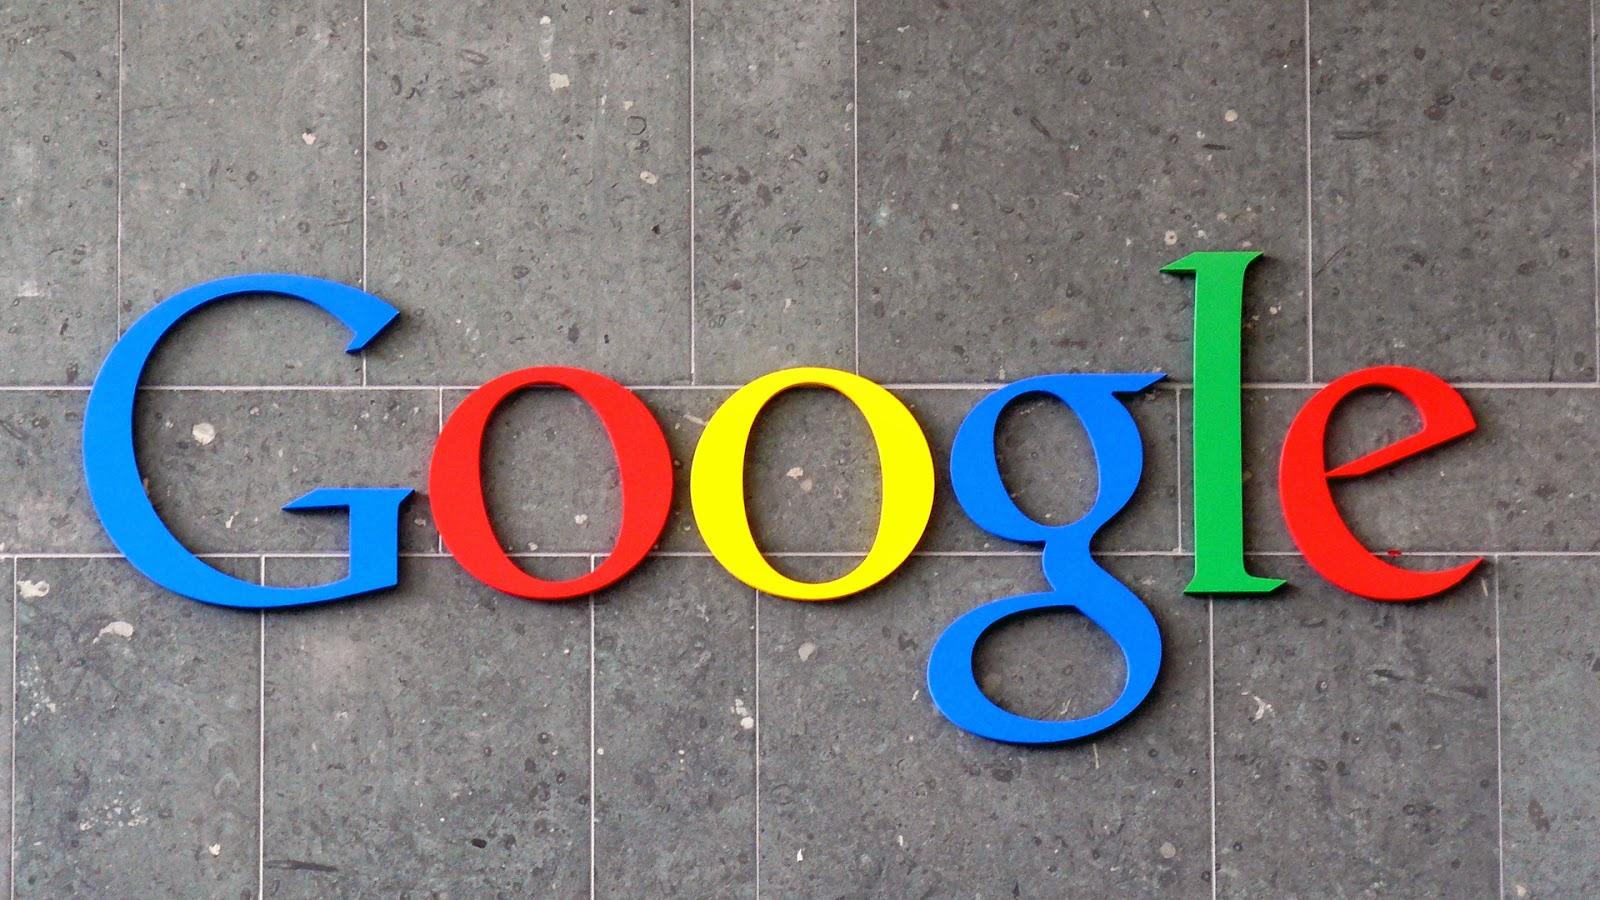 جوجل تطور تكنولوجيا جديدة للرصد المبكر للسرطان و الأمراض الخطيرة